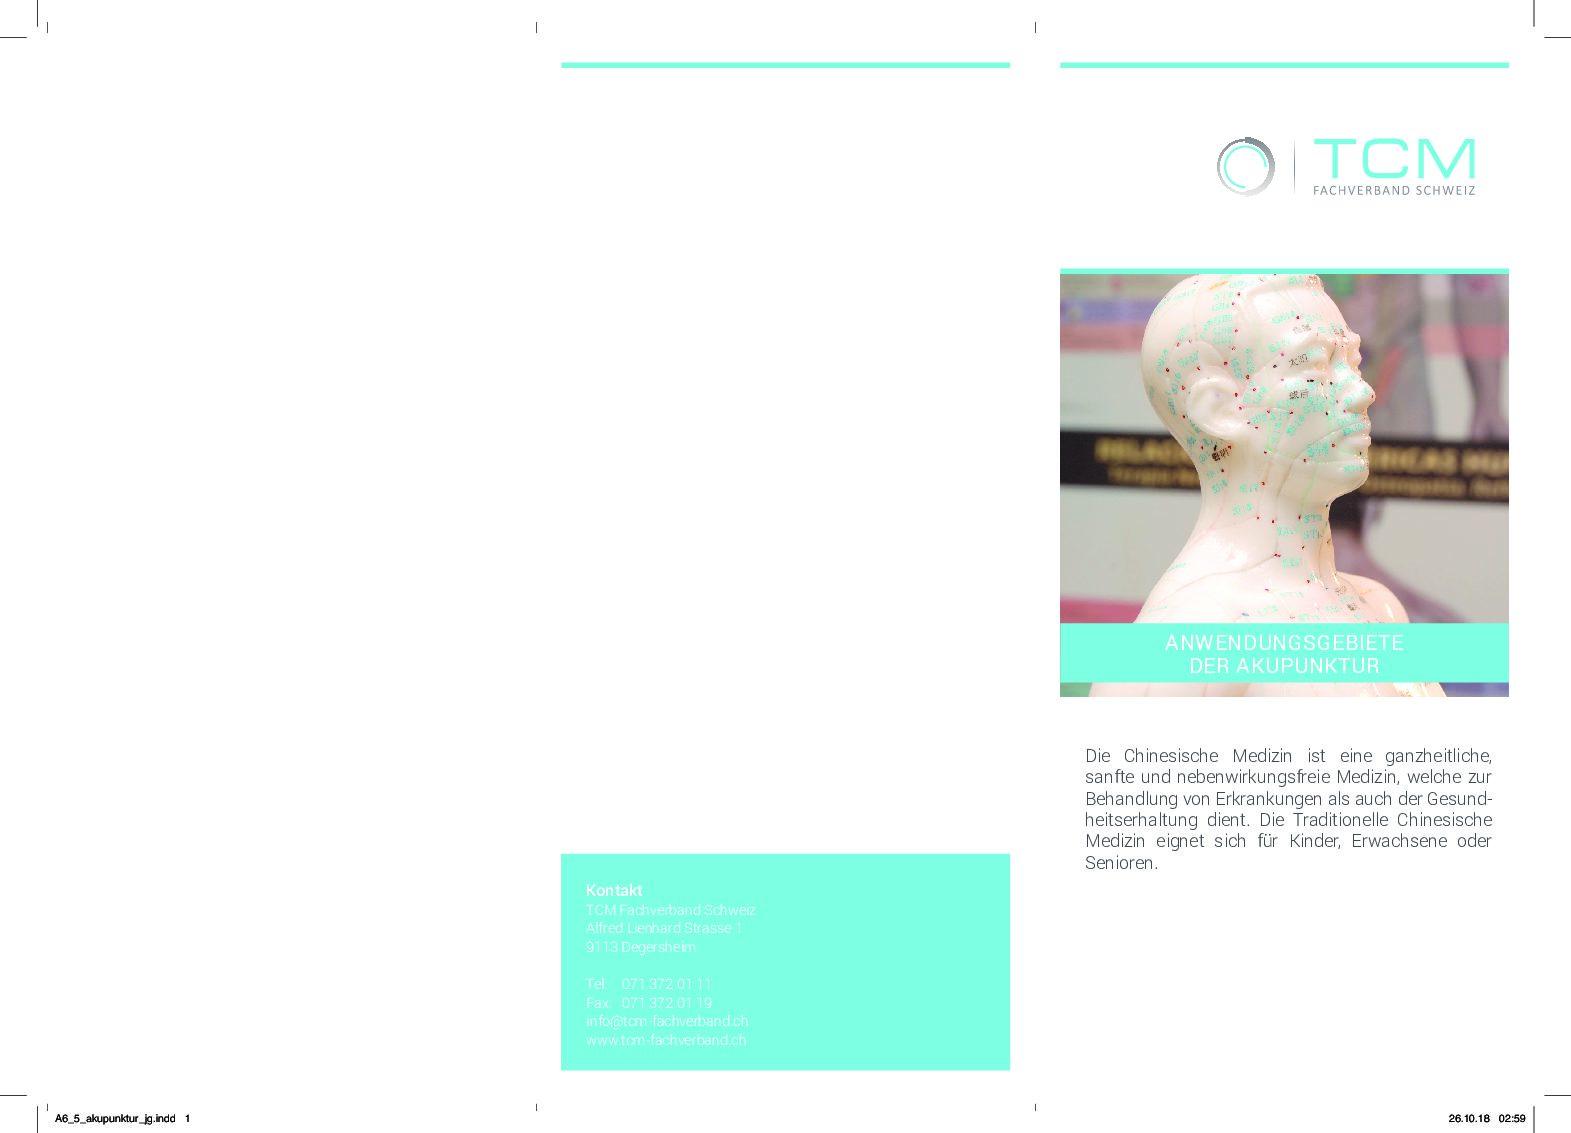 Merkblatt/Faltflyer: Anwendungsgebiete Der Akupunktur